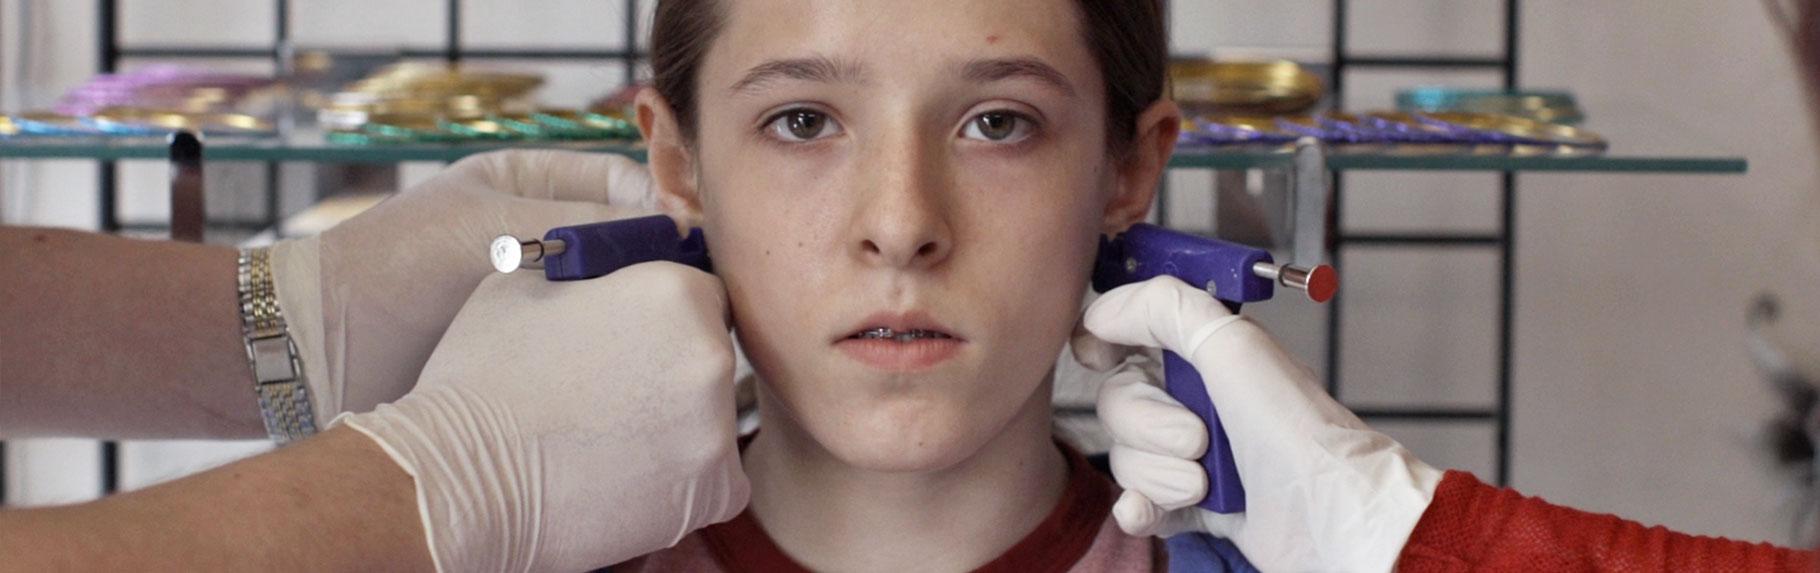 Mostra Filmes Americanos exibe curtas premiados                    na AIC